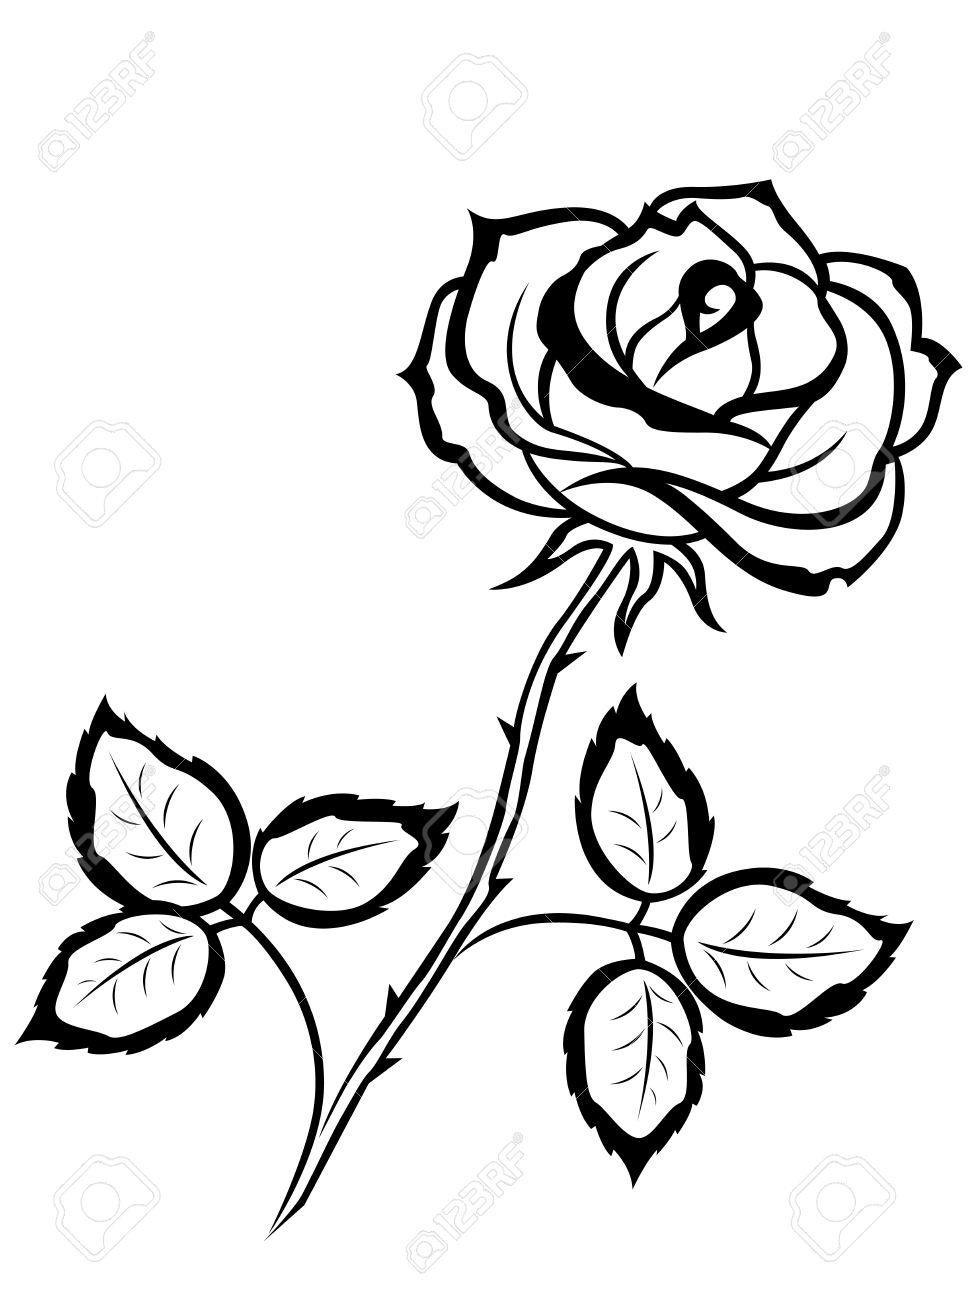 Belle Contour Noir Du Simple Fleur Rose Isole Sur Un Fond Blanc Illustration Vectorielle Clip Art Libres De Droits Vecteurs Et Illustration Image 42927756